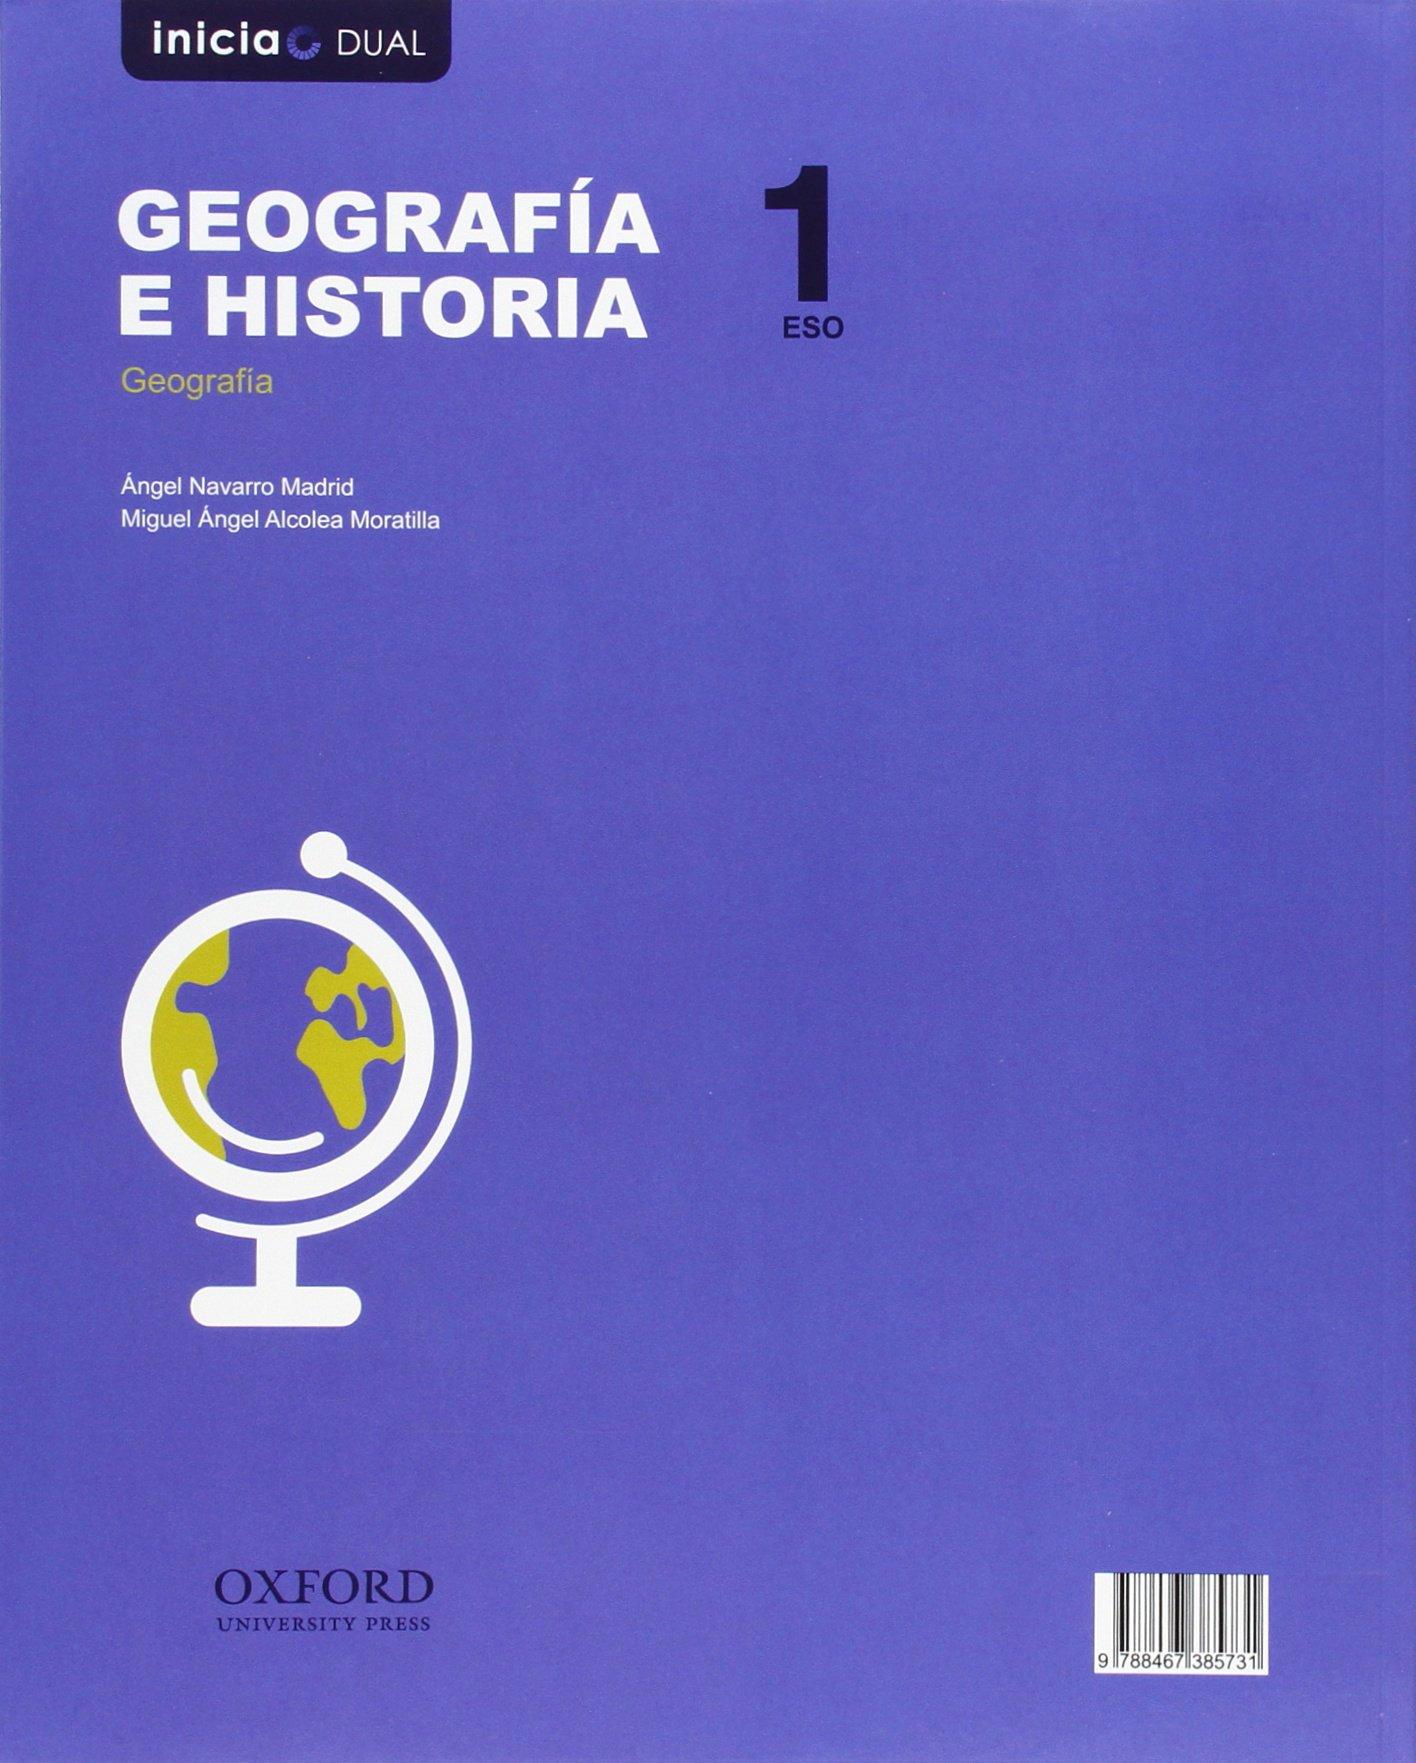 Geografía E Historia. Libro Del Alumno. Madrid. ESO 1 Inicia Dual - 9788467385717: Amazon.es: Varios Autores: Libros